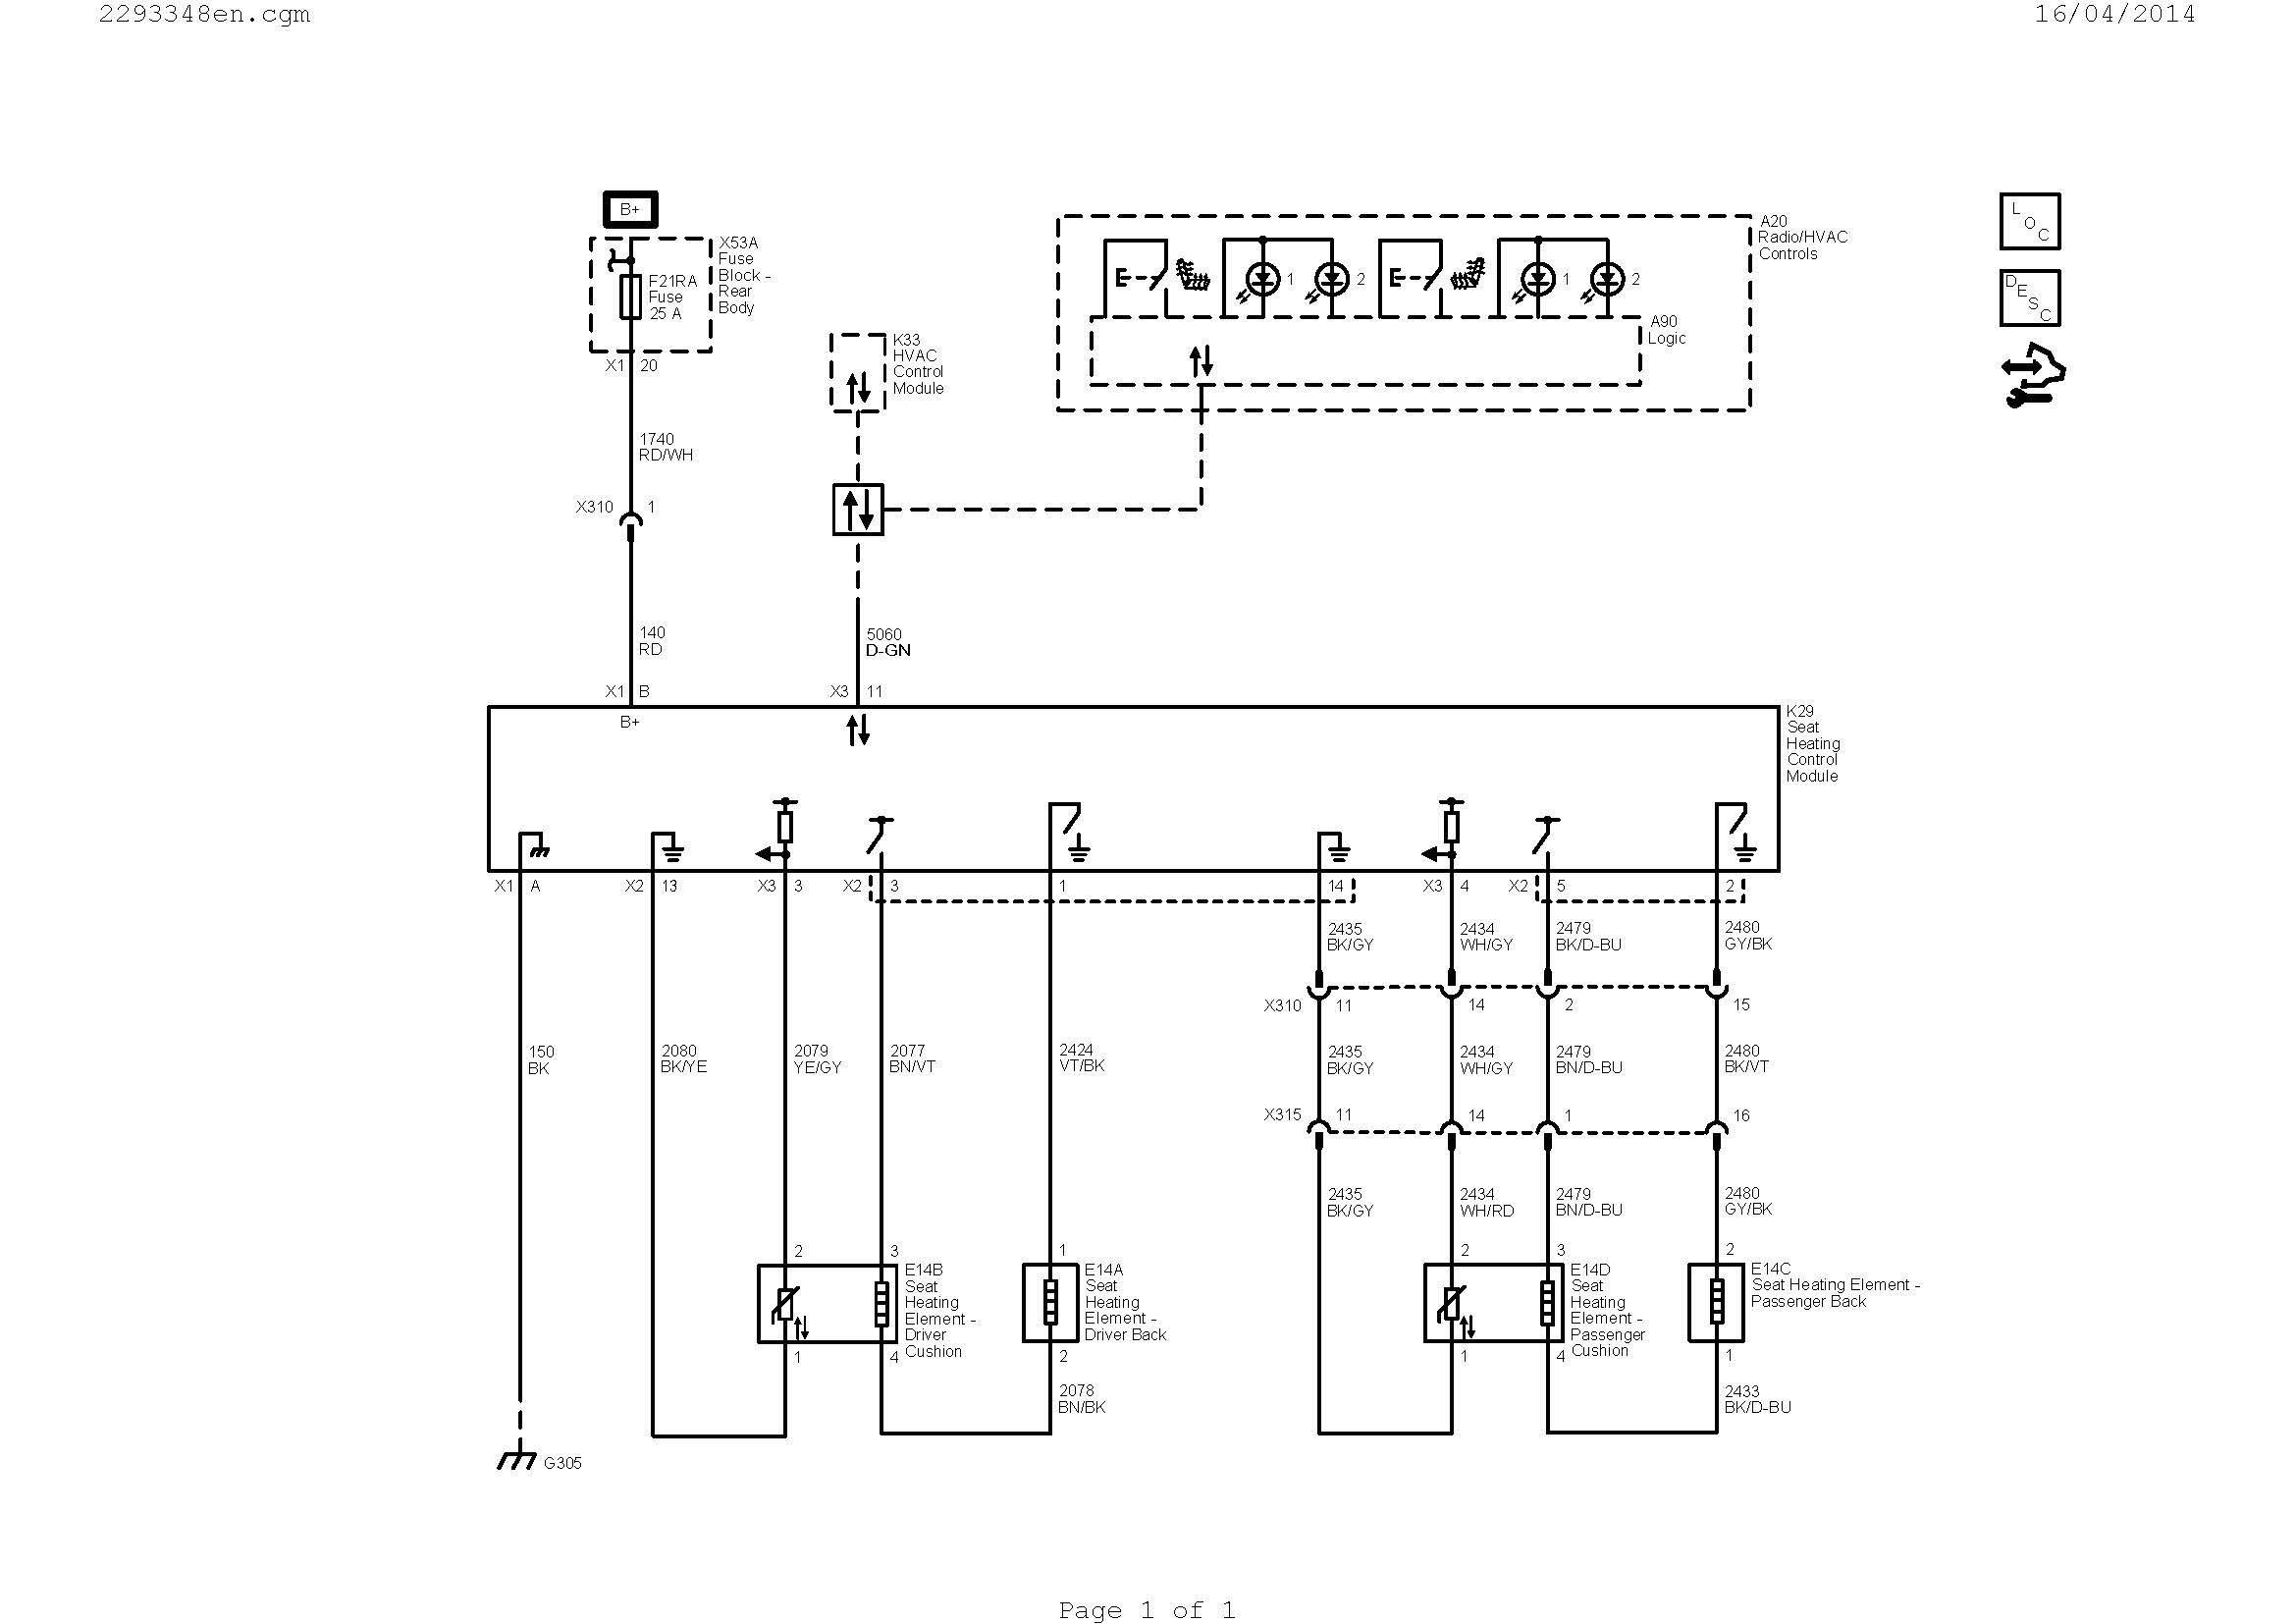 Semi Trailer    Wiring       Schematic      Free    Wiring       Diagram